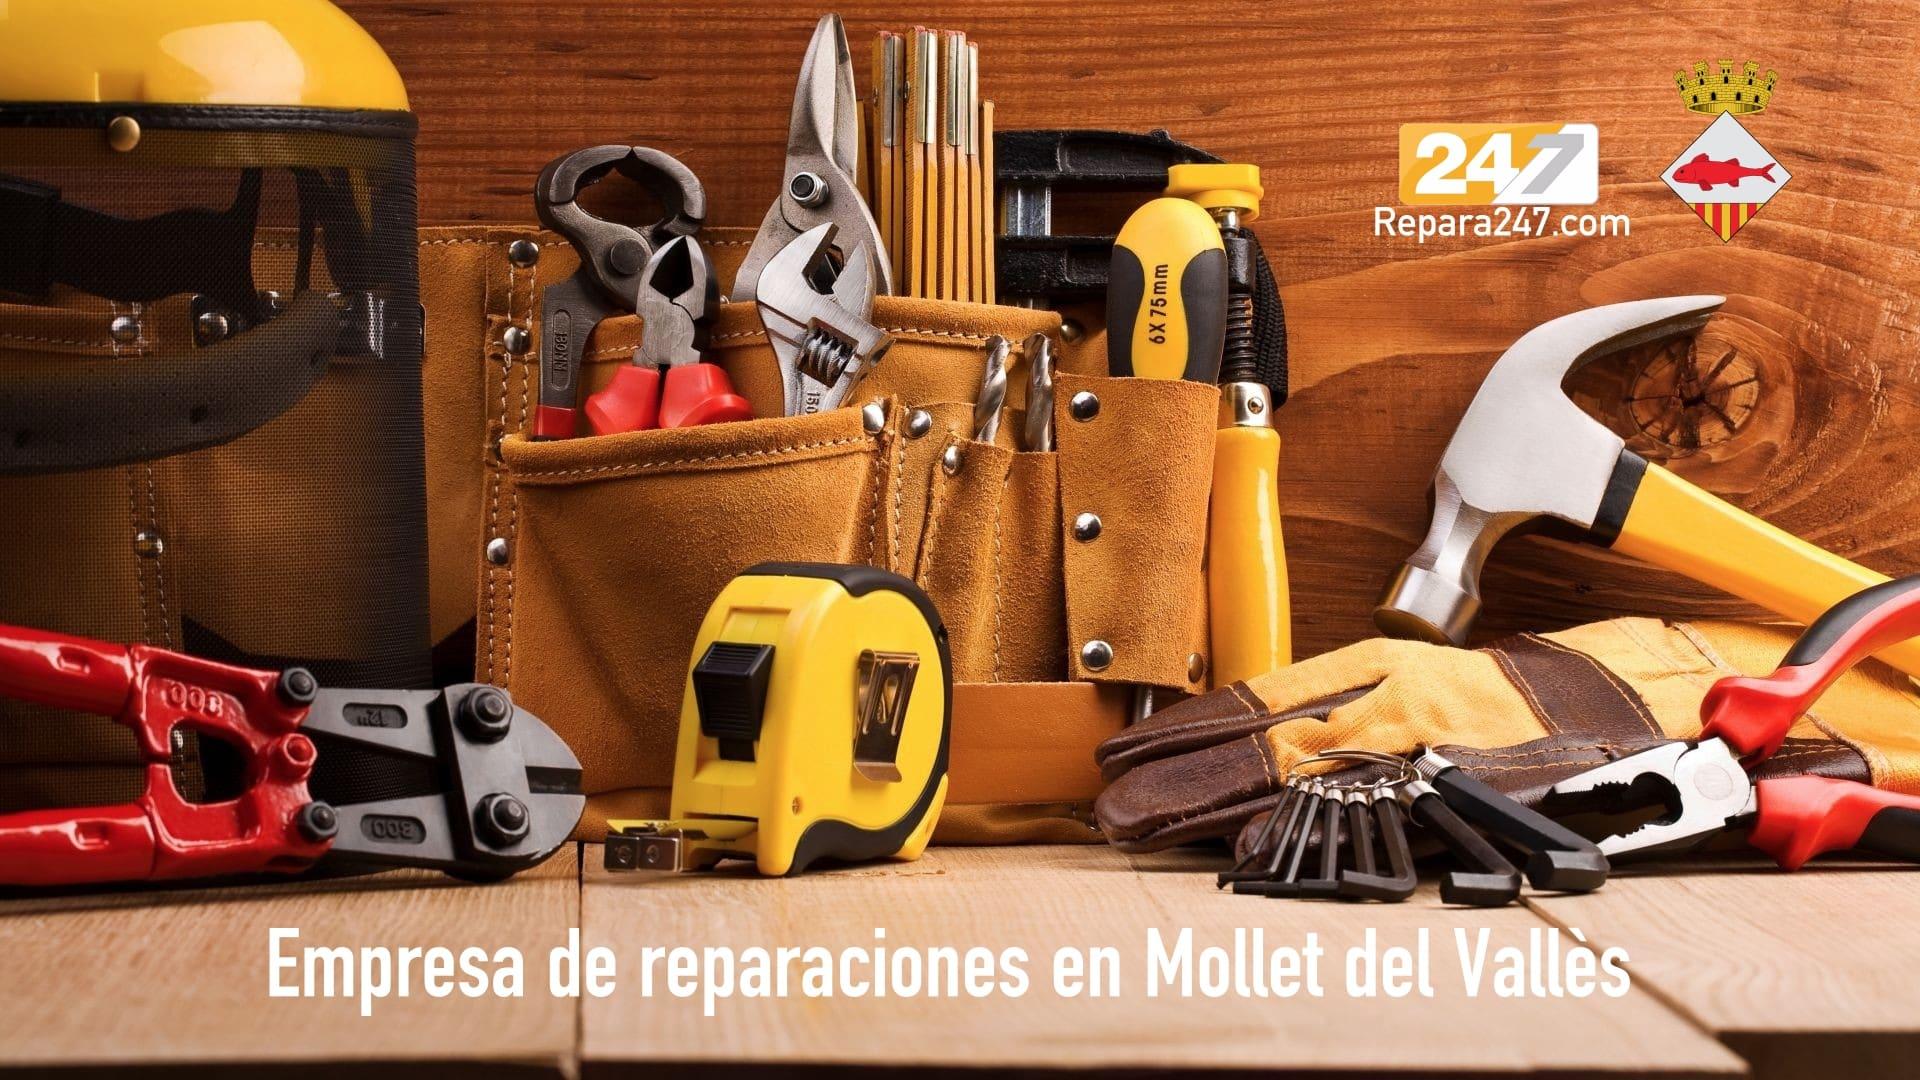 Empresa de reparaciones en Mollet del Vallès